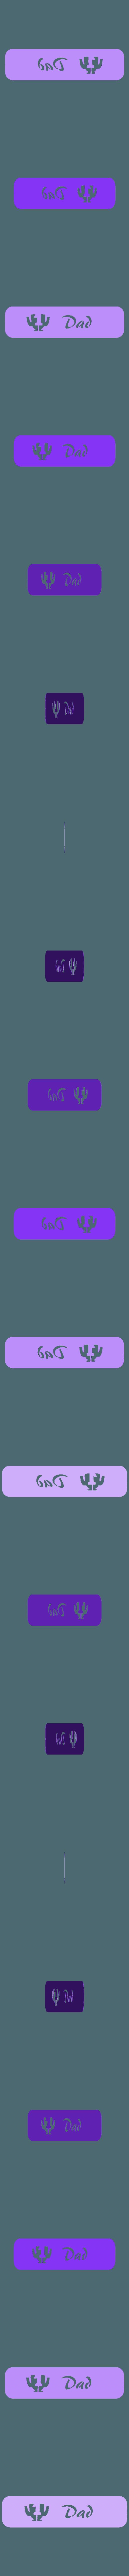 JG_bookmark_dad.stl Télécharger fichier STL gratuit Signet - Trophée - Tata / Papa • Objet pour imprimante 3D, c47